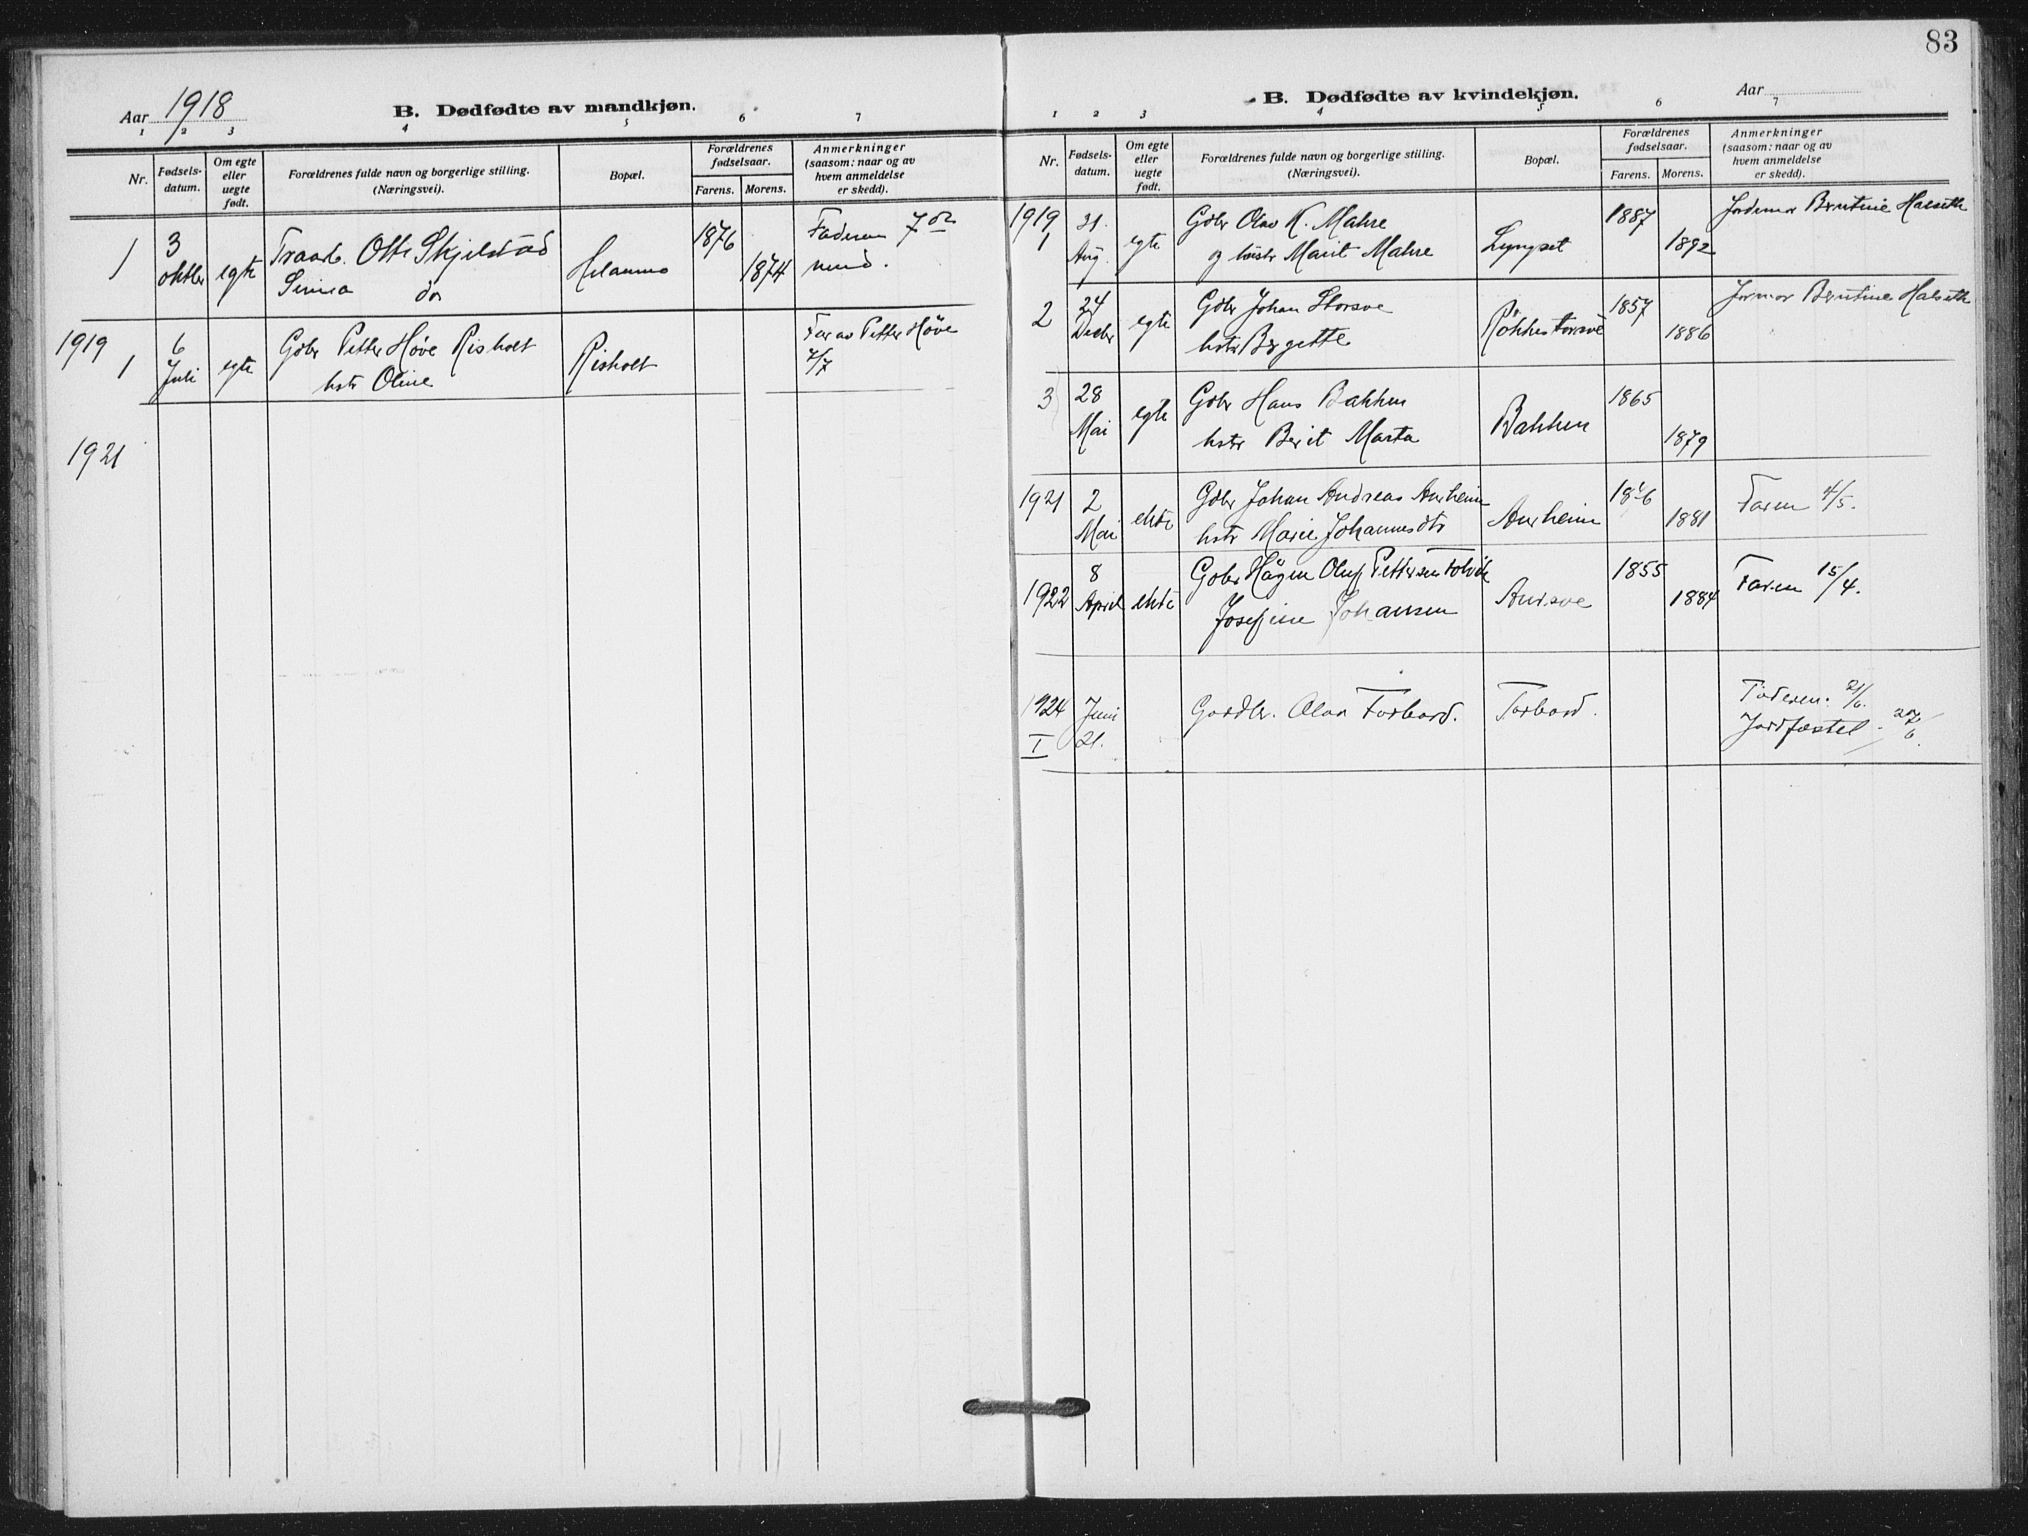 SAT, Ministerialprotokoller, klokkerbøker og fødselsregistre - Nord-Trøndelag, 712/L0102: Ministerialbok nr. 712A03, 1916-1929, s. 83